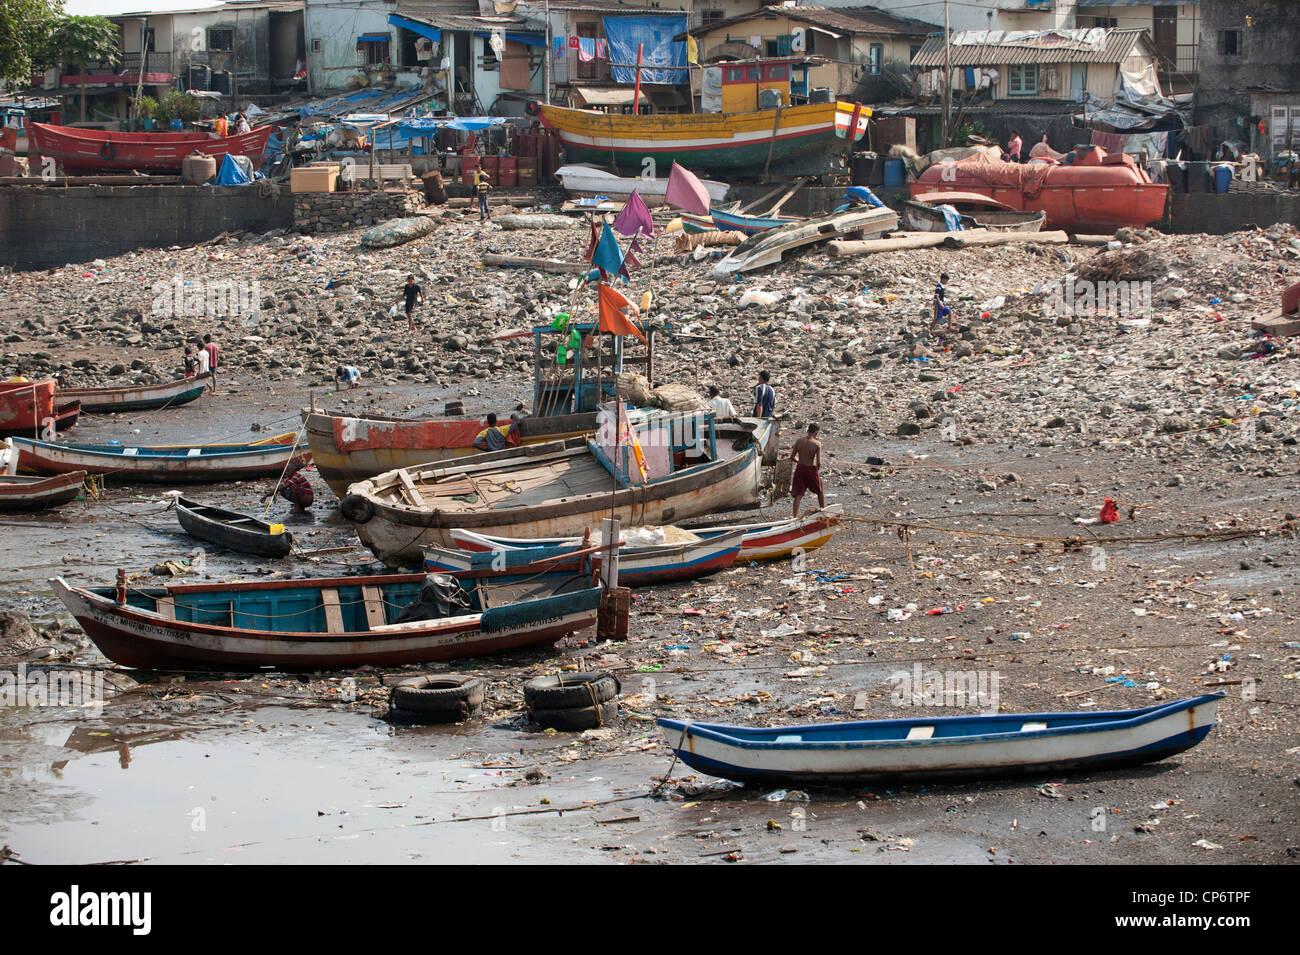 Fishermen and children on a dirty fishing harbor beach in Mumbai. Stock Photo